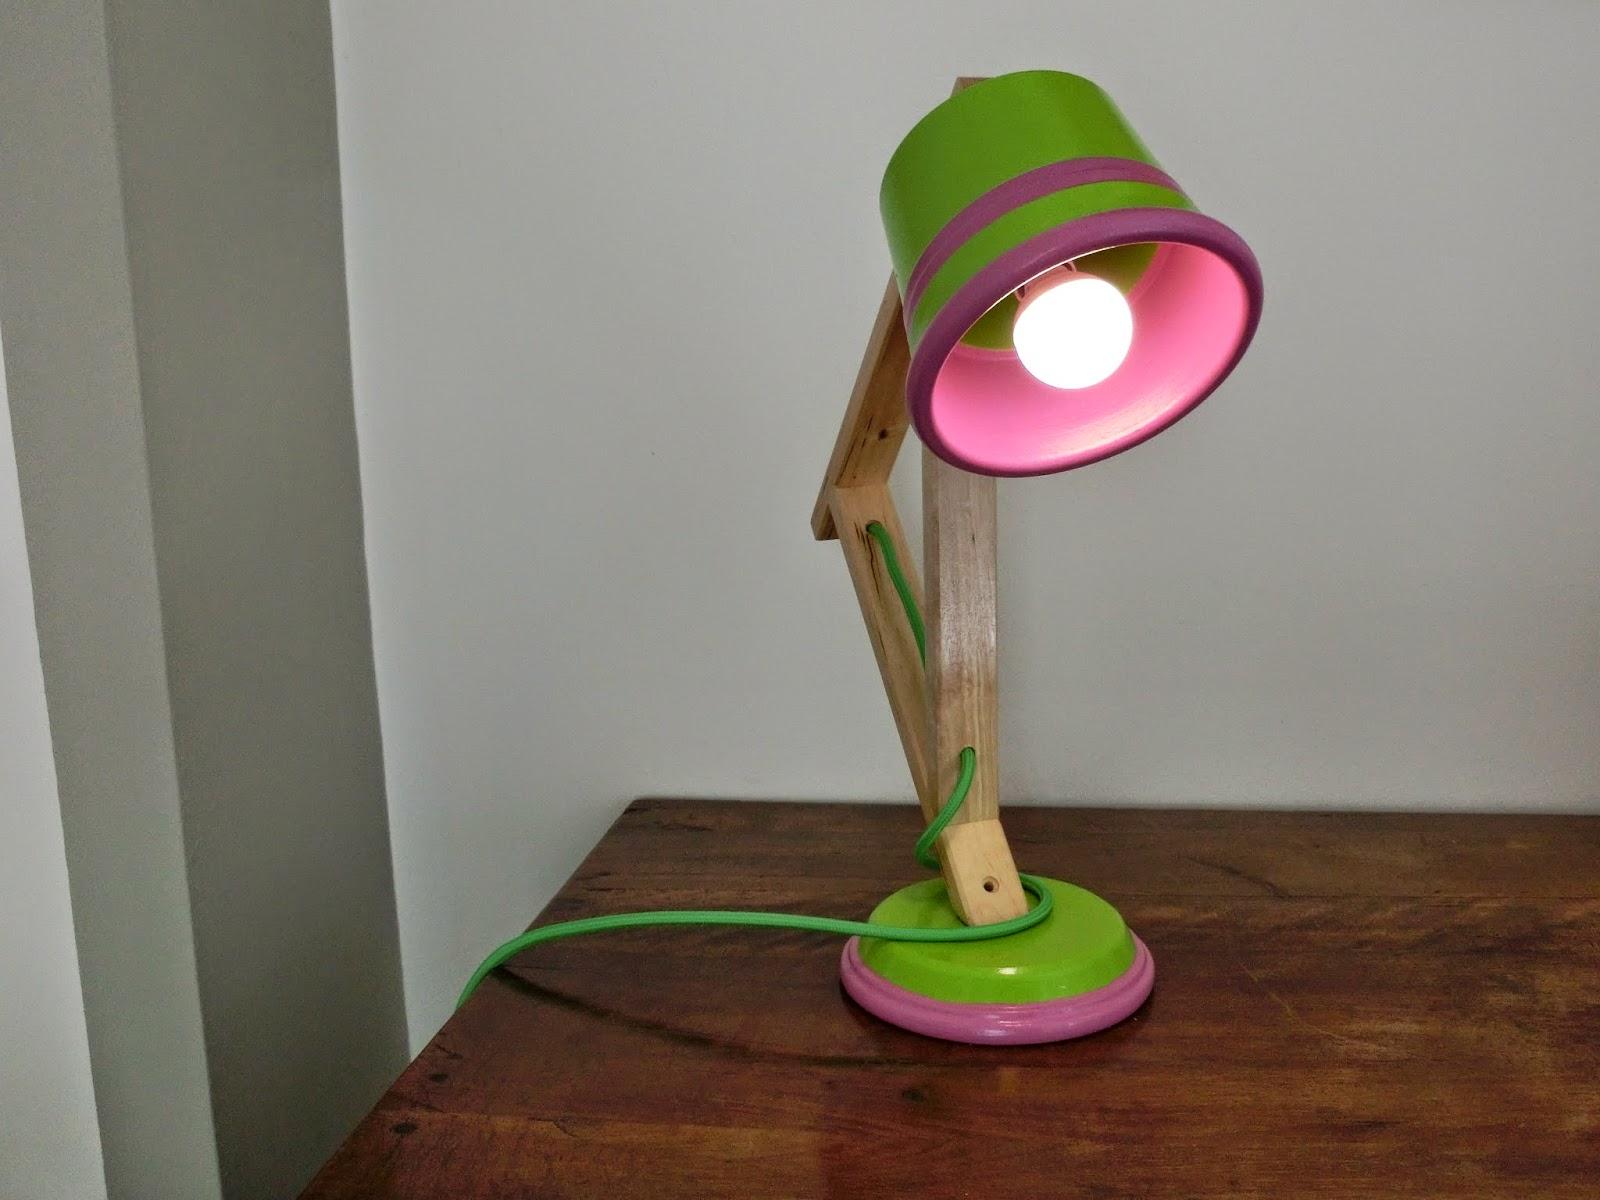 Filo Lampadine Per Esterno: Filo di lampadine per esterno fili usb.